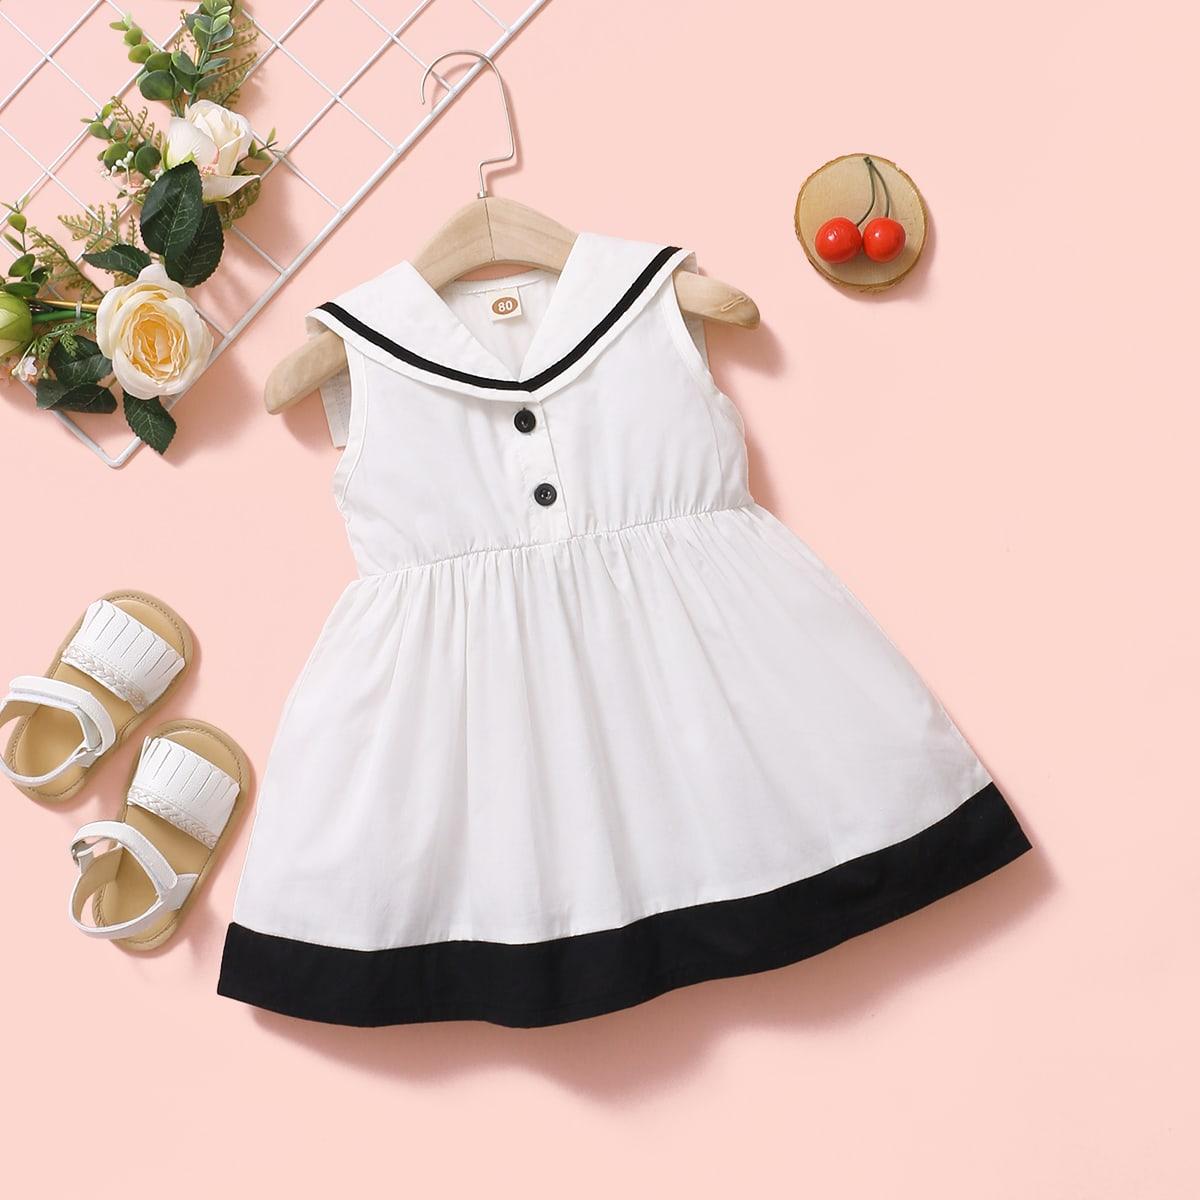 shein Preppy Kleurblok Baby-jurk Voorpand met Knoopjes